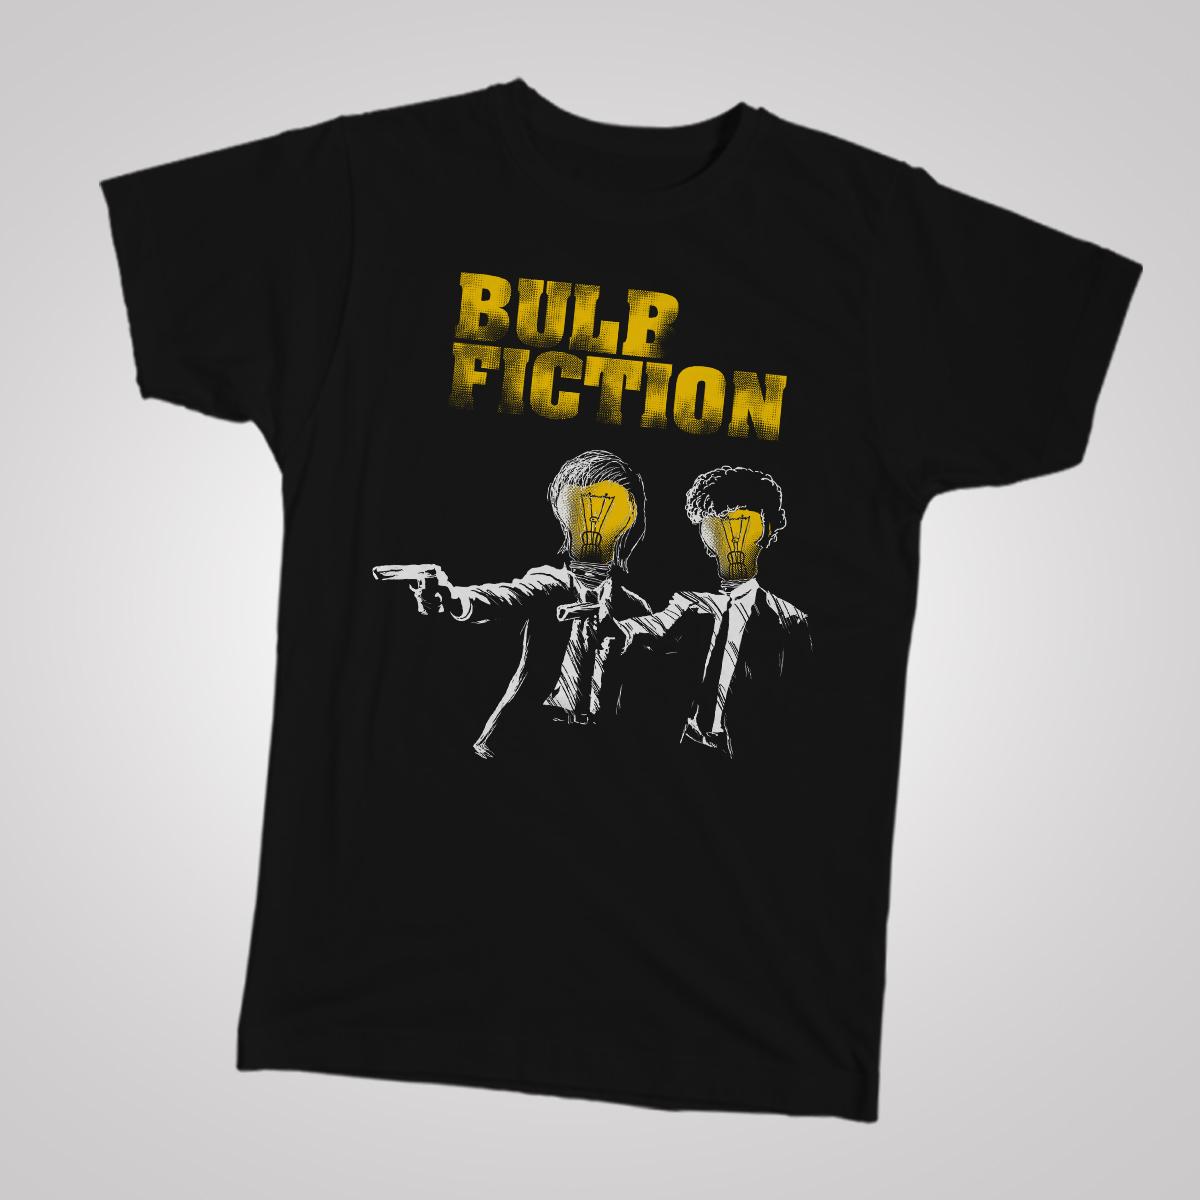 bulb fiction_shirt_mock up